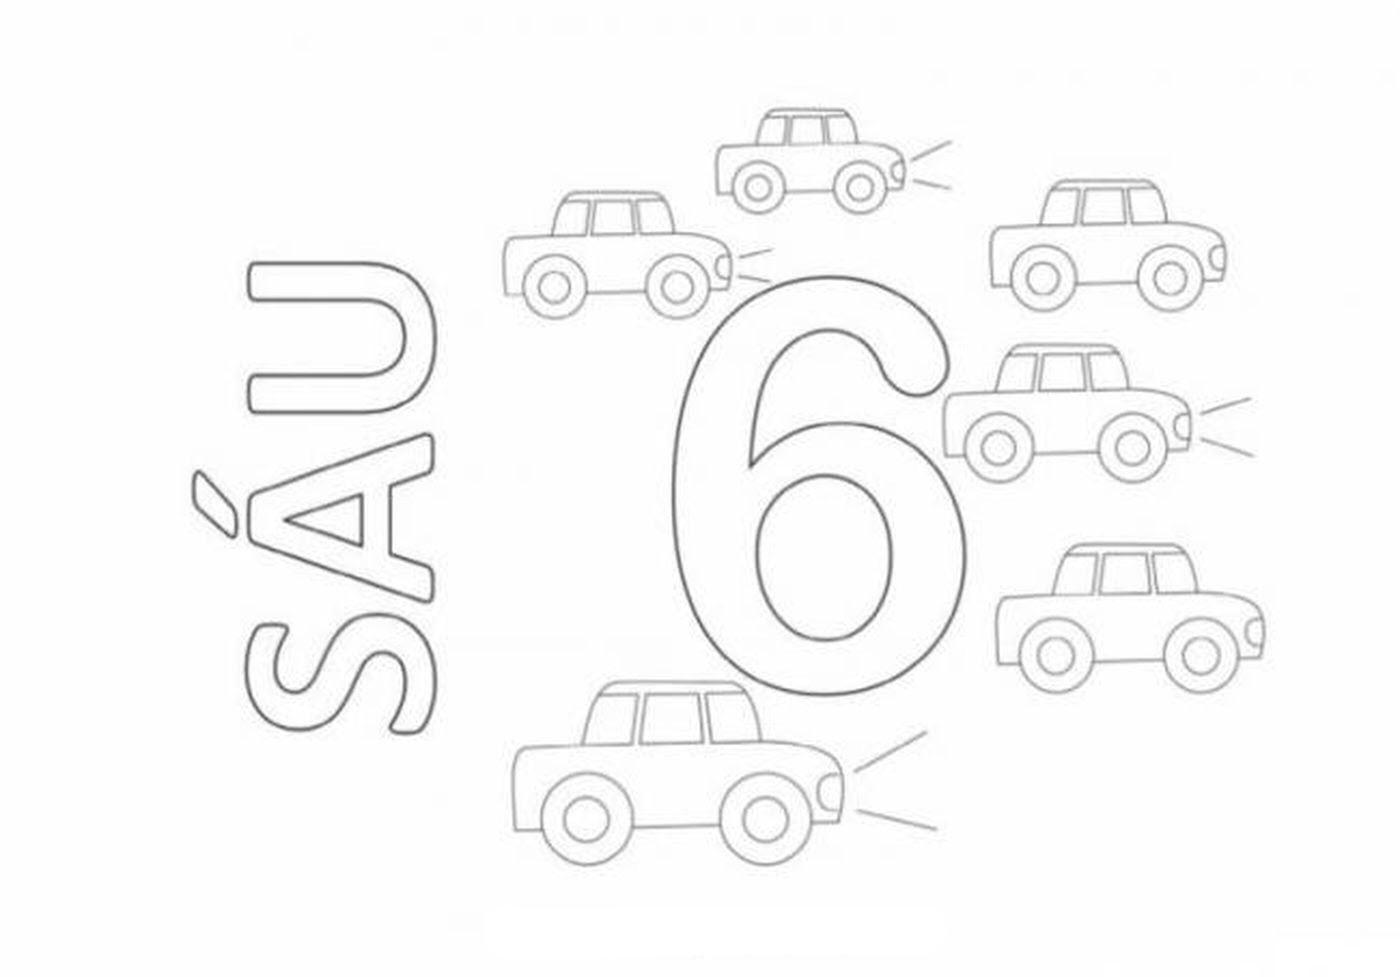 Tranh tô màu chữ số 6 - Sáu ô tô